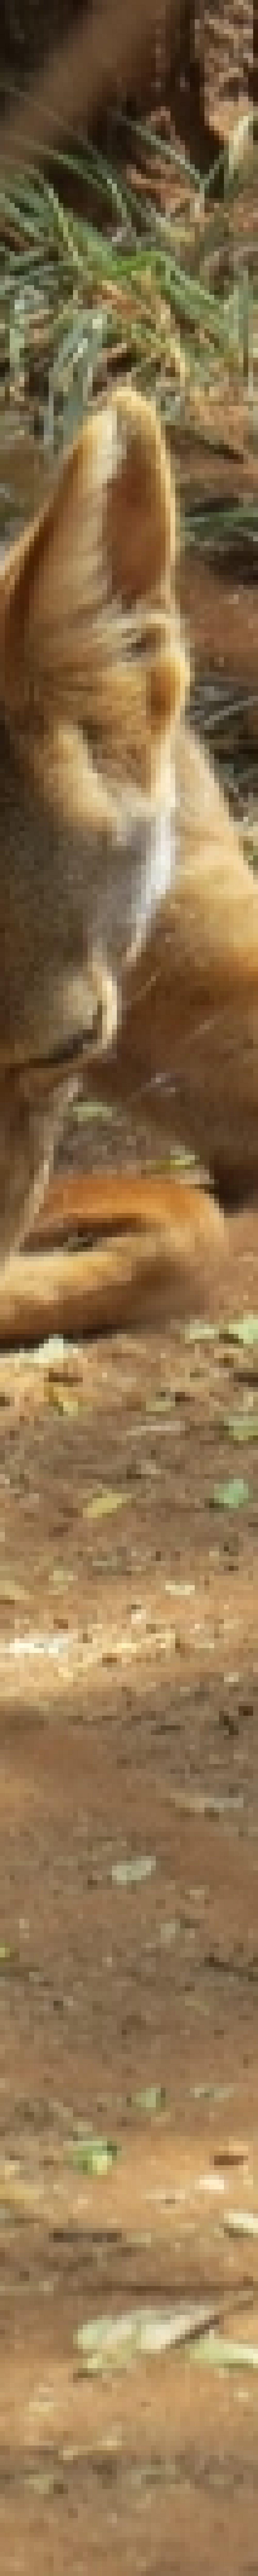 Silver back jackal at Nairobi Animal Orphanage - Copyright Maya Mangat